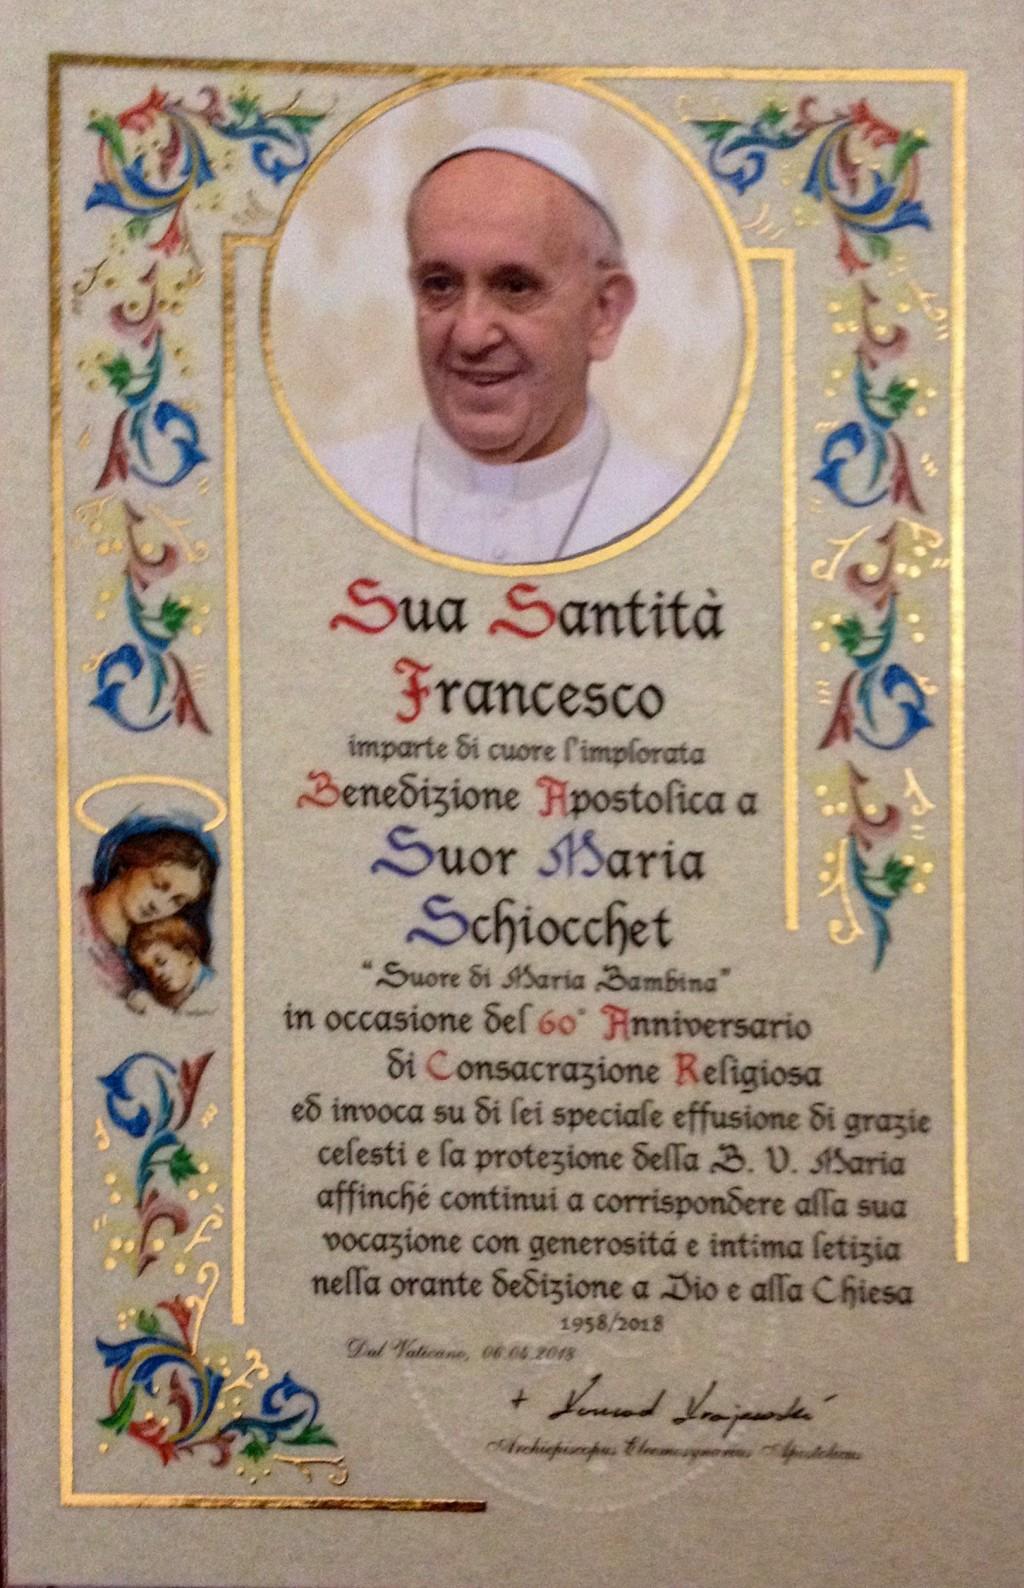 Benedizione del papa per Suor Maria